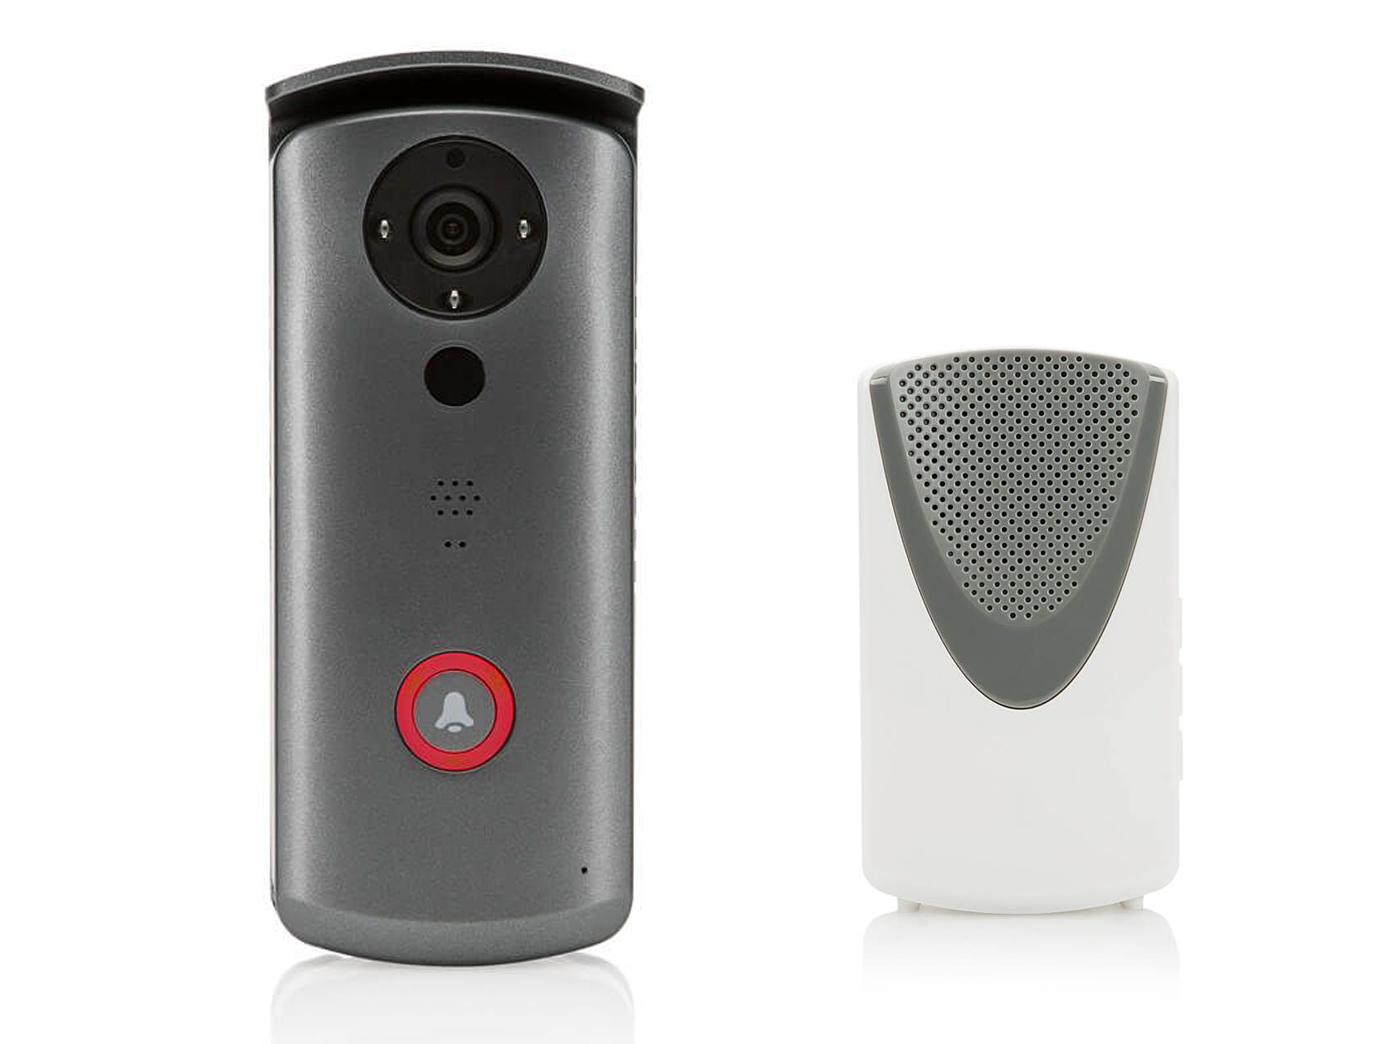 klingel mit kamera funk, video gegensprechanlage einfamilienhaus